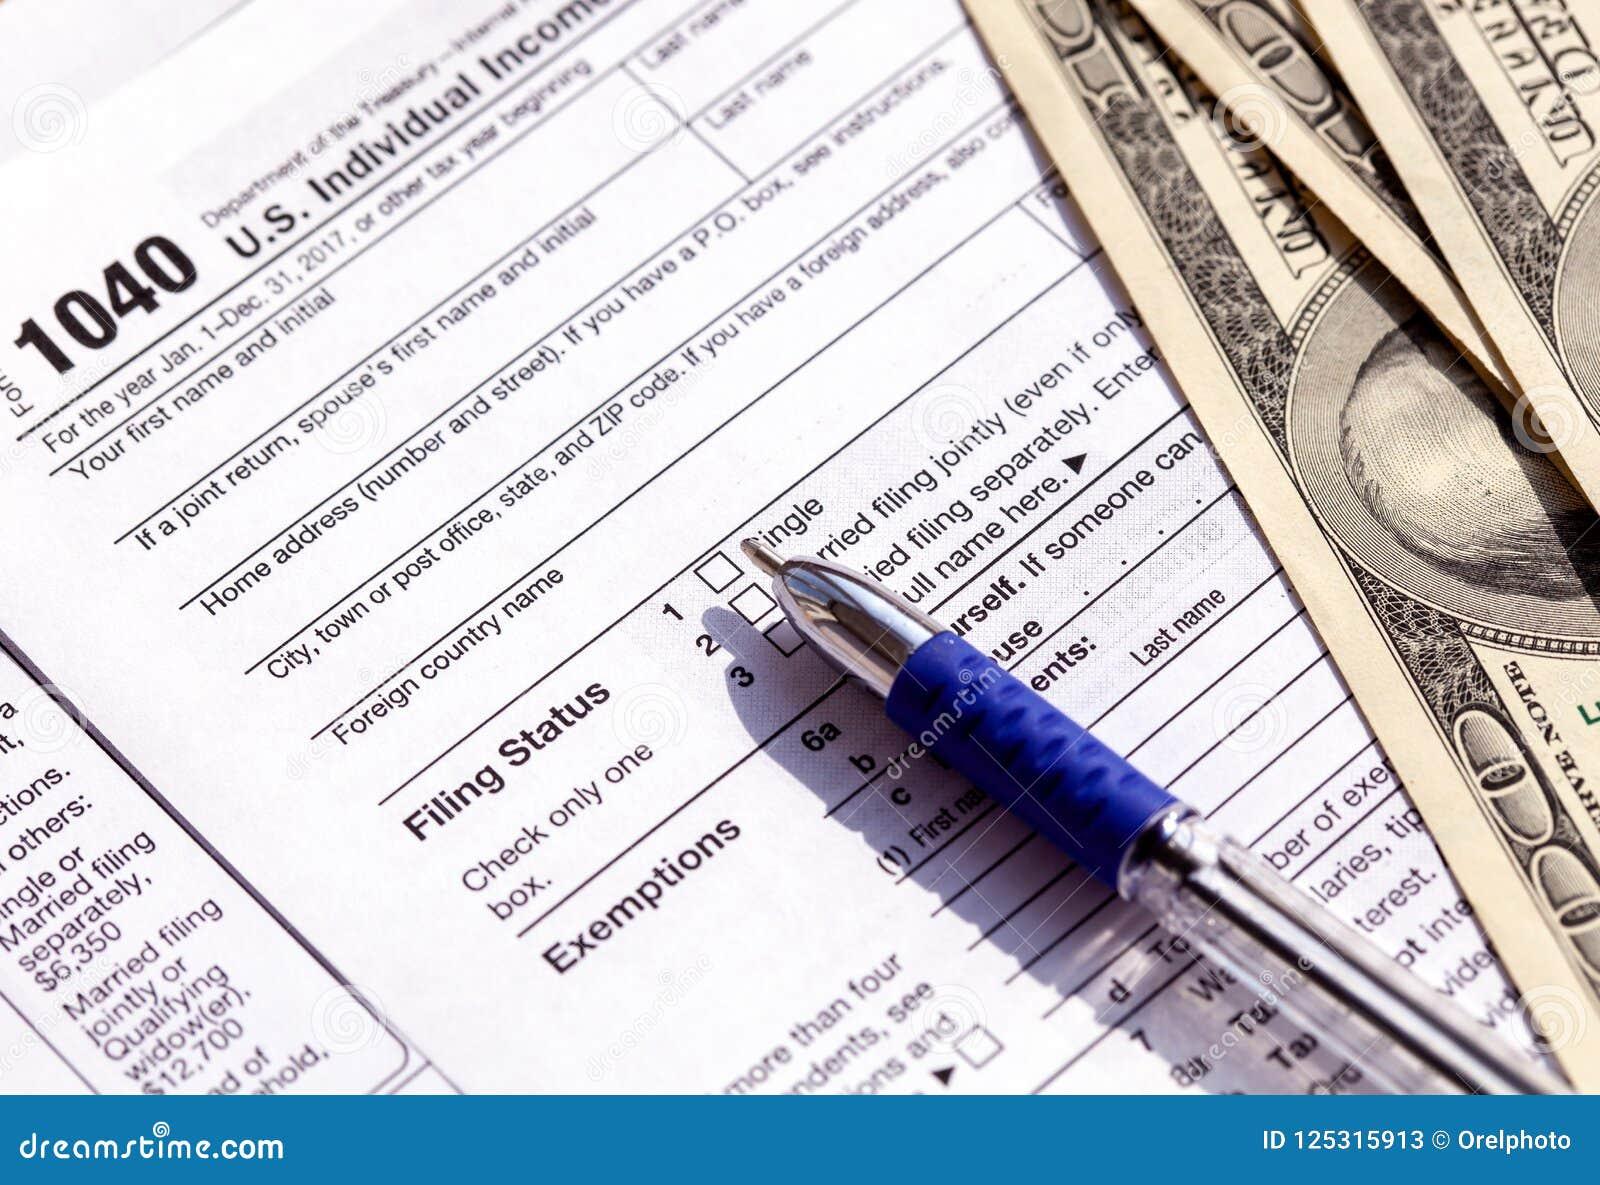 Formulário, pena e notas de dólar de imposto dos E.U. 1040 Conceito do reembolso de imposto